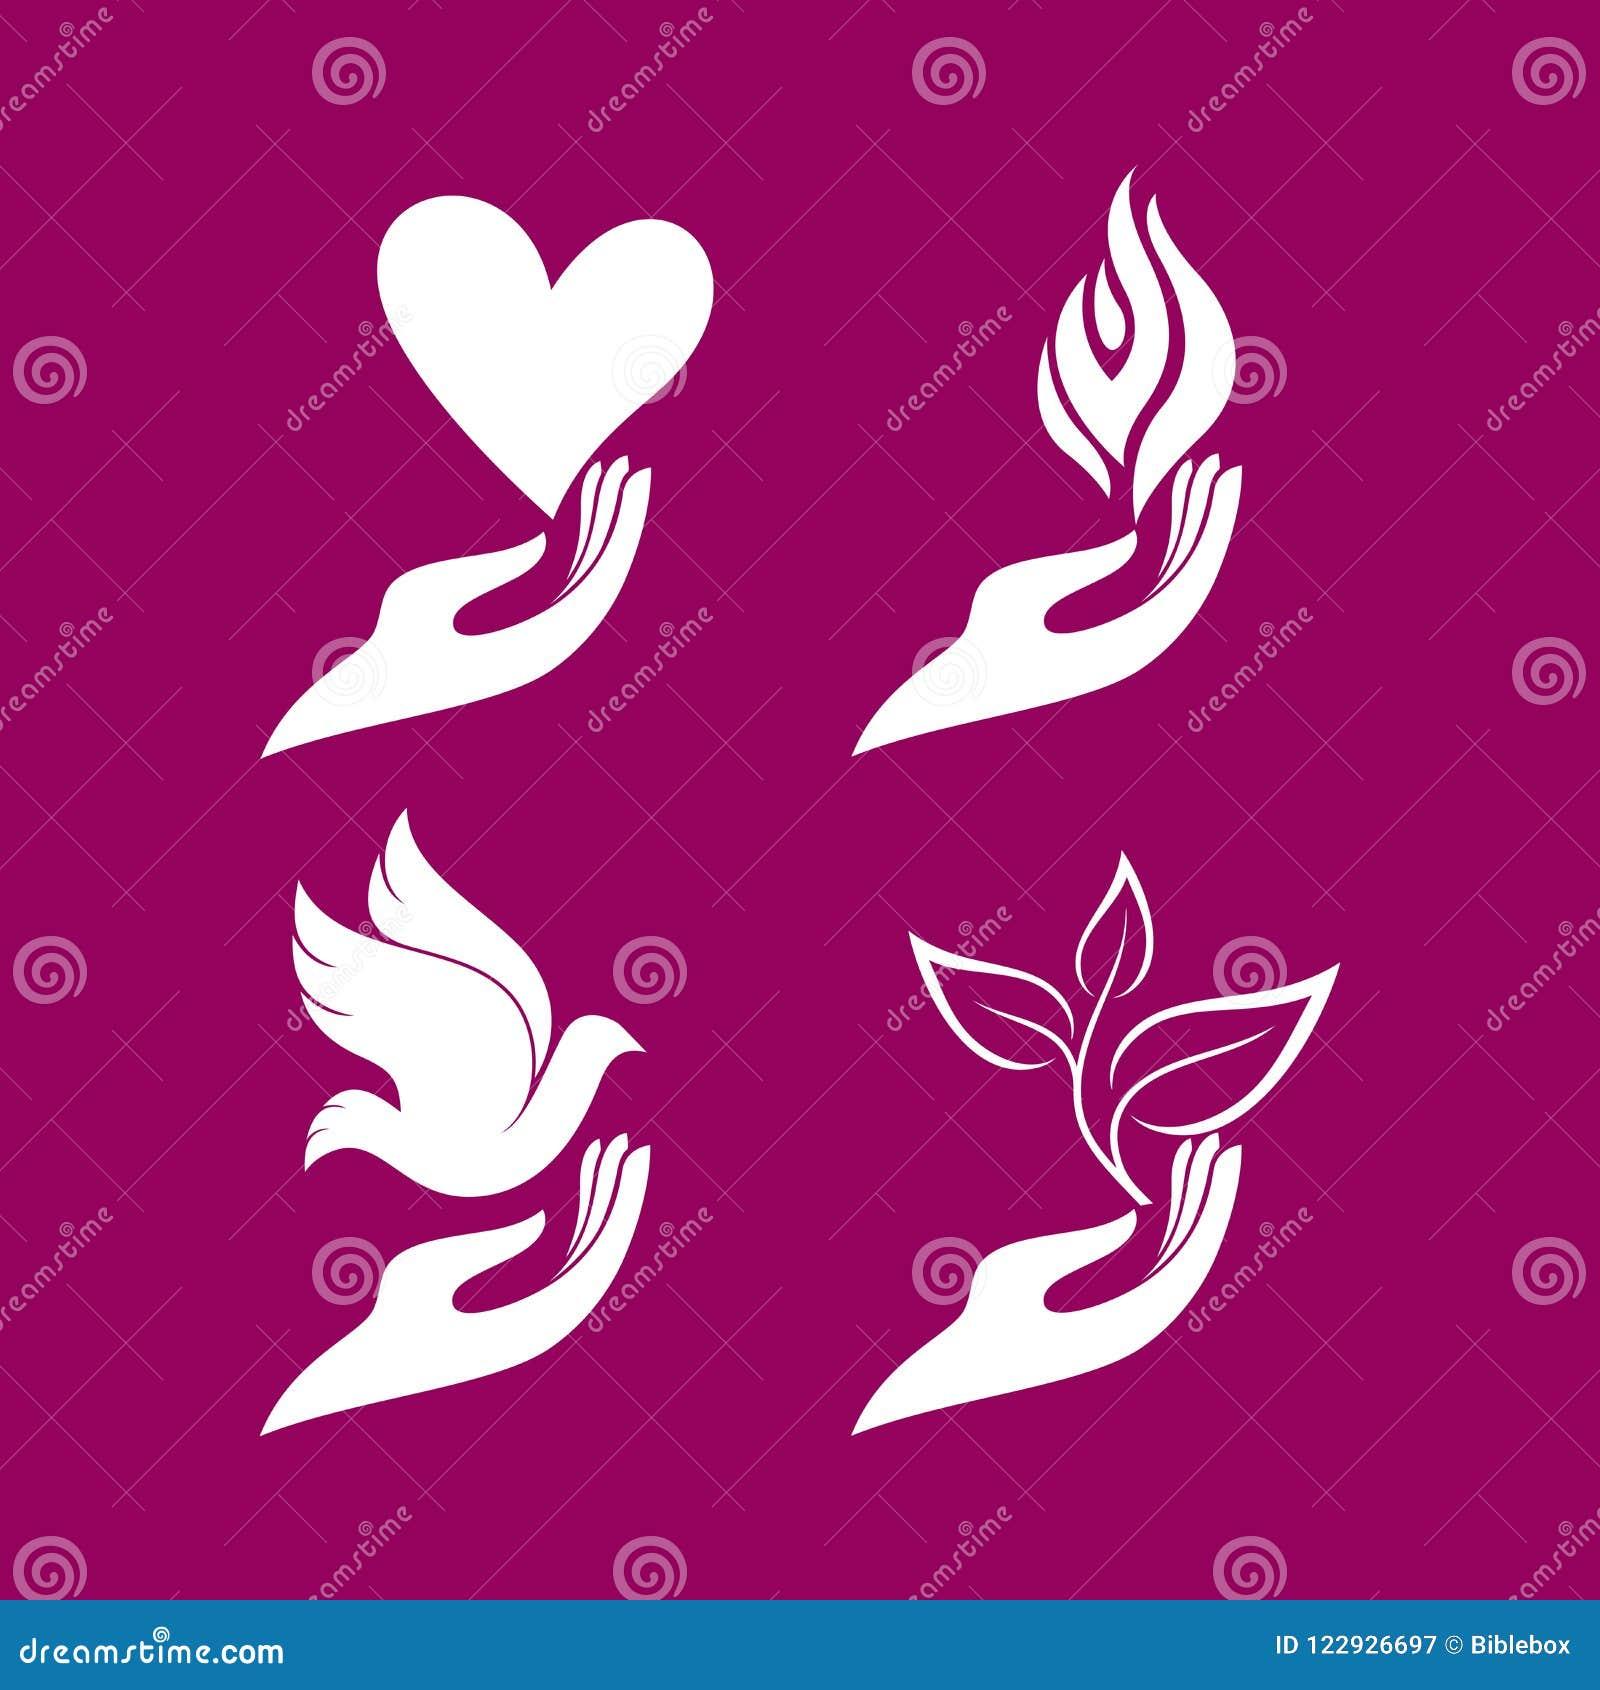 Logotipo de la iglesia Sistema - manos con un corazón y una paloma, una llama y un brote